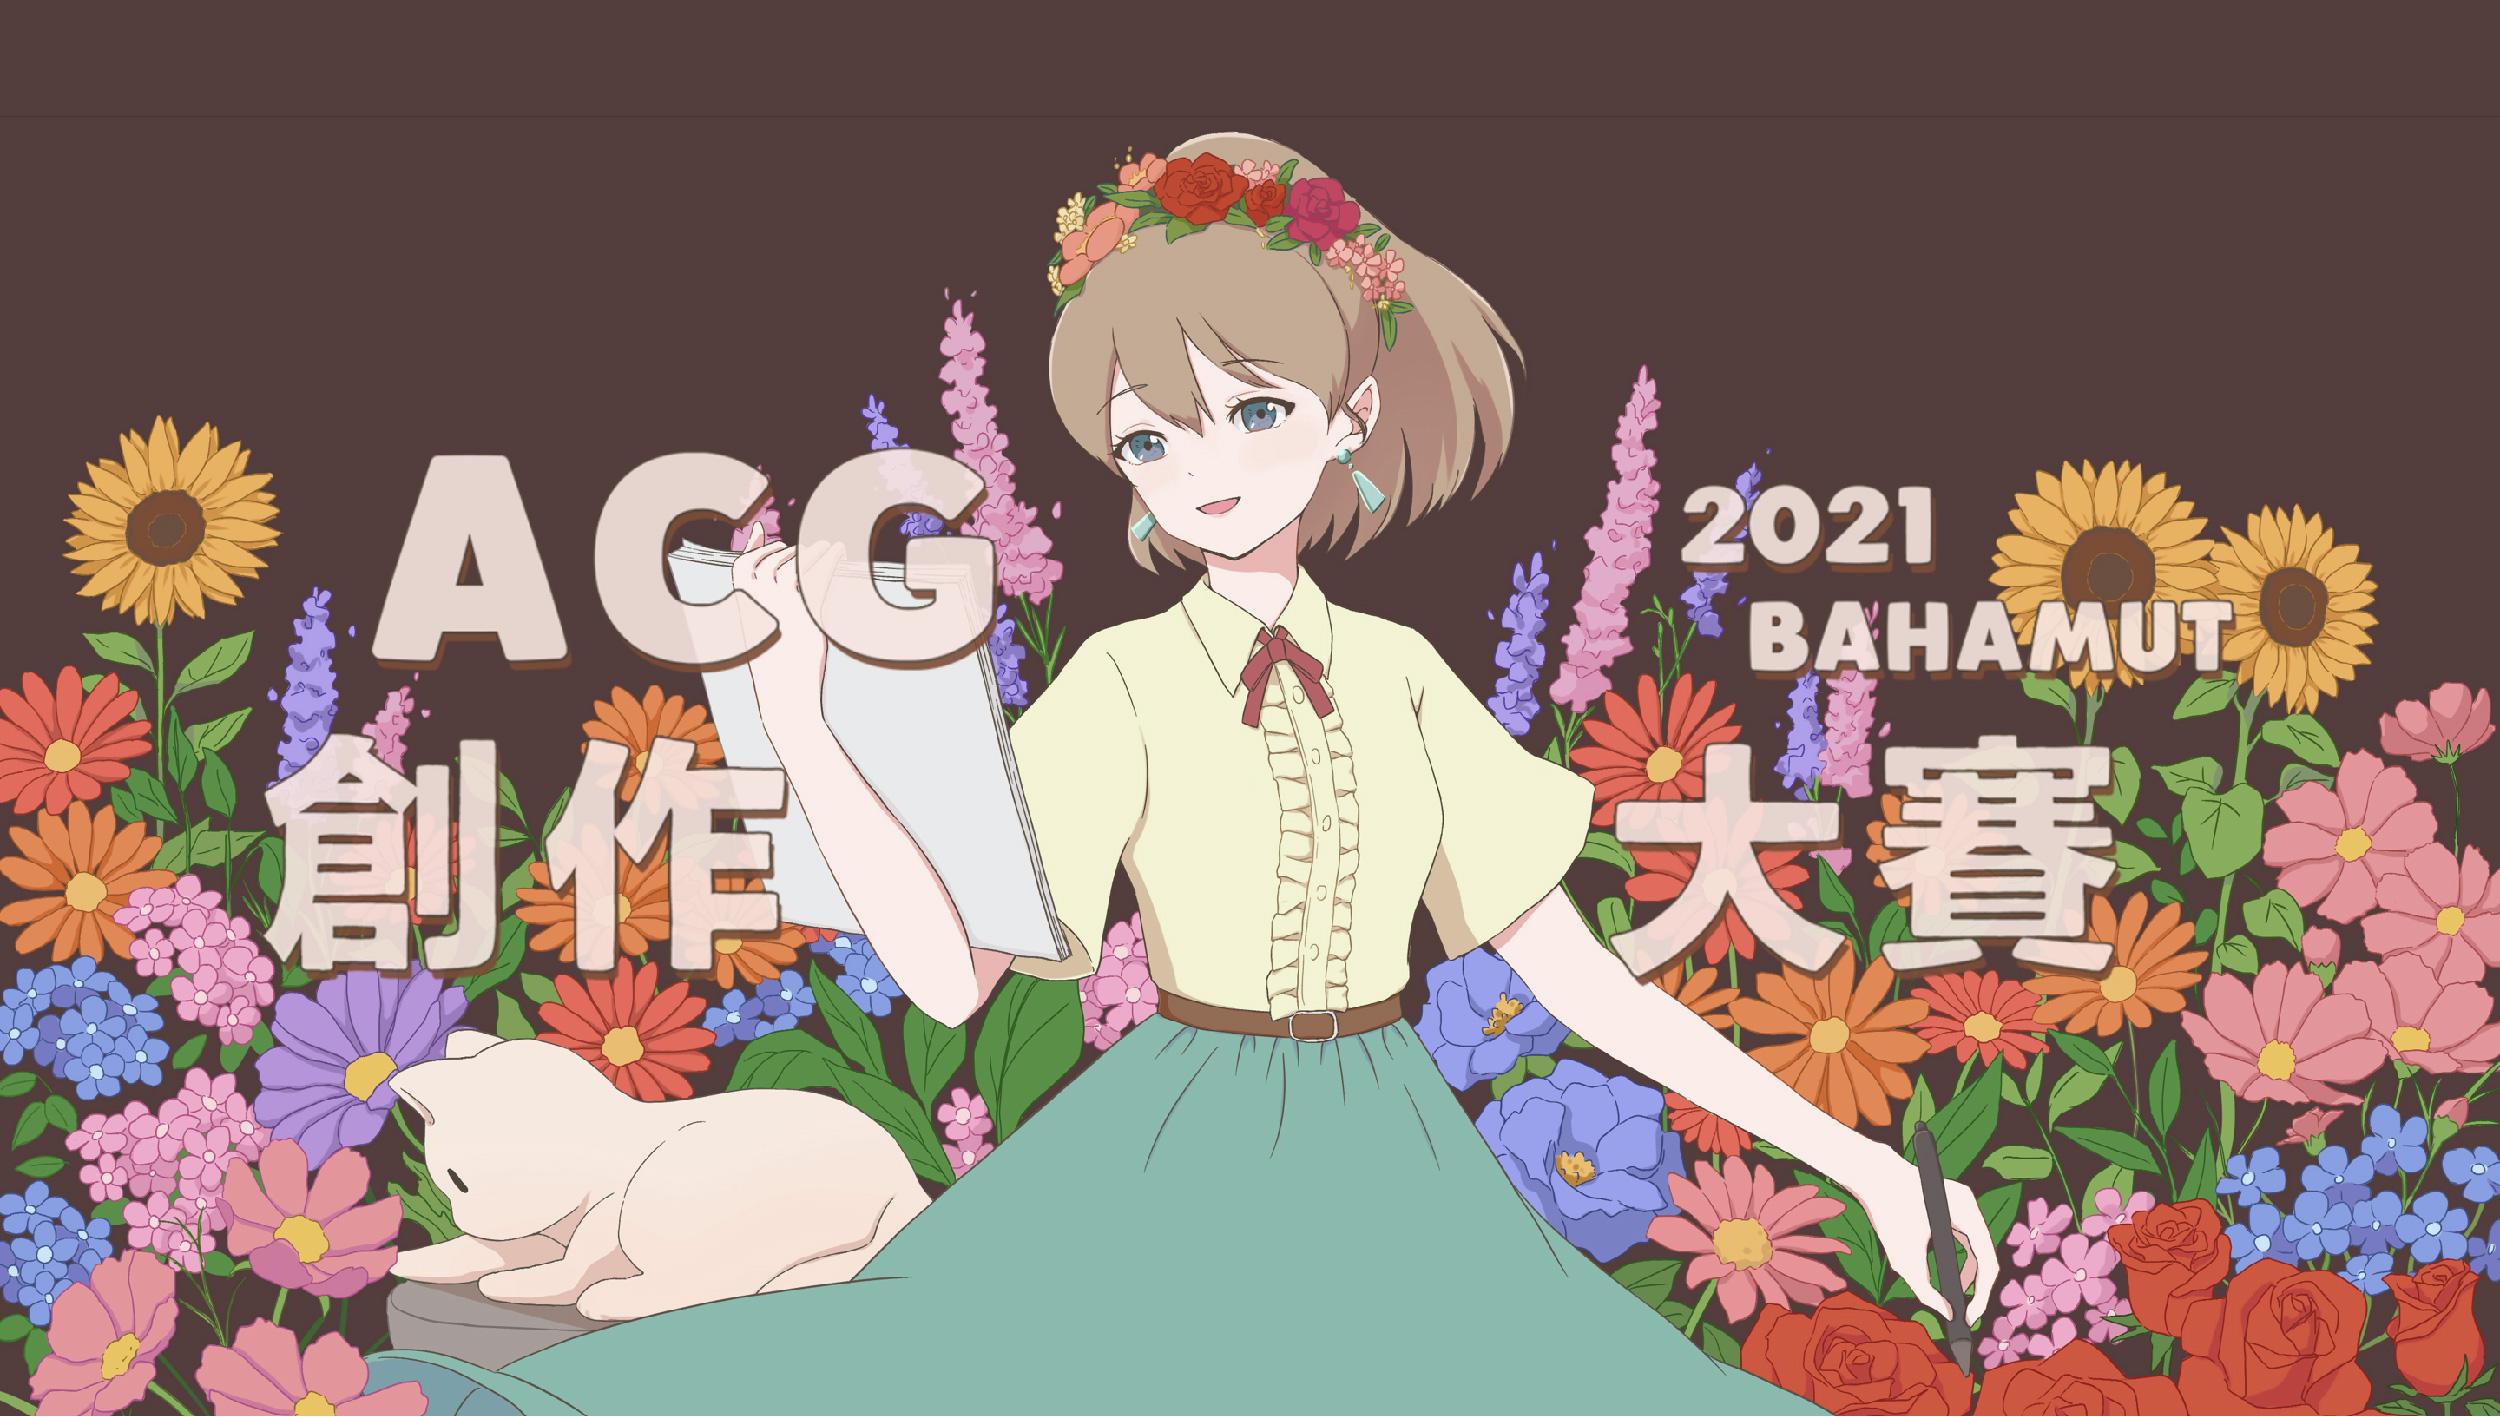 「2021 巴哈姆特 ACG 創作大賽」上線徵稿!串聯文策院助攻,新設文策院特別獎